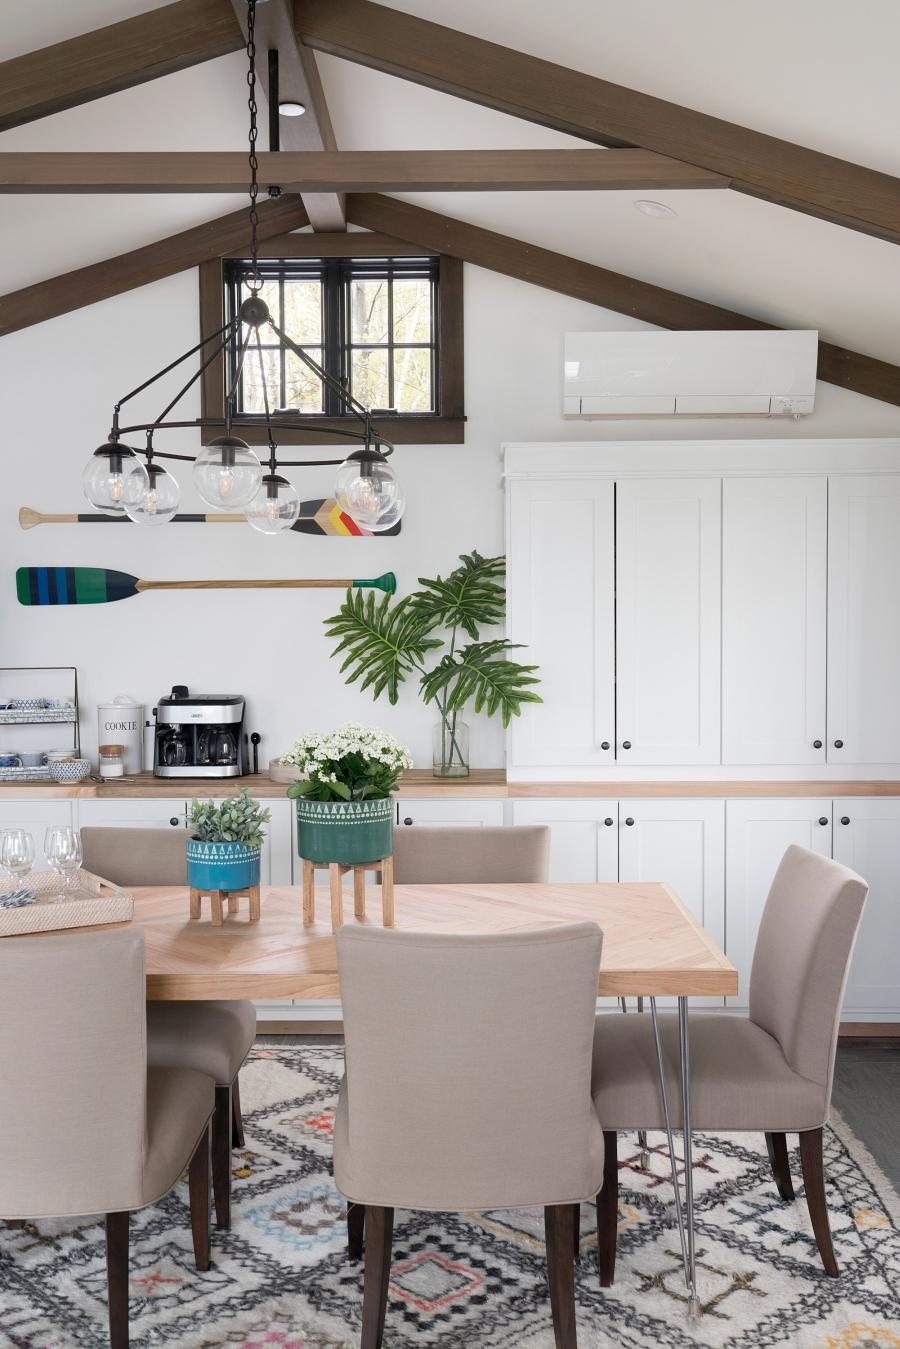 Przytulny dom nad jeziorem, wystrój wnętrz, wnętrza, urządzanie mieszkania, dom, home decor, dekoracje, aranżacje, styl Hamptons, styl rustykalny, rustic style, styl skandynawski, scandinavian style, kuchnia, kitchen, wyspa kuchenna